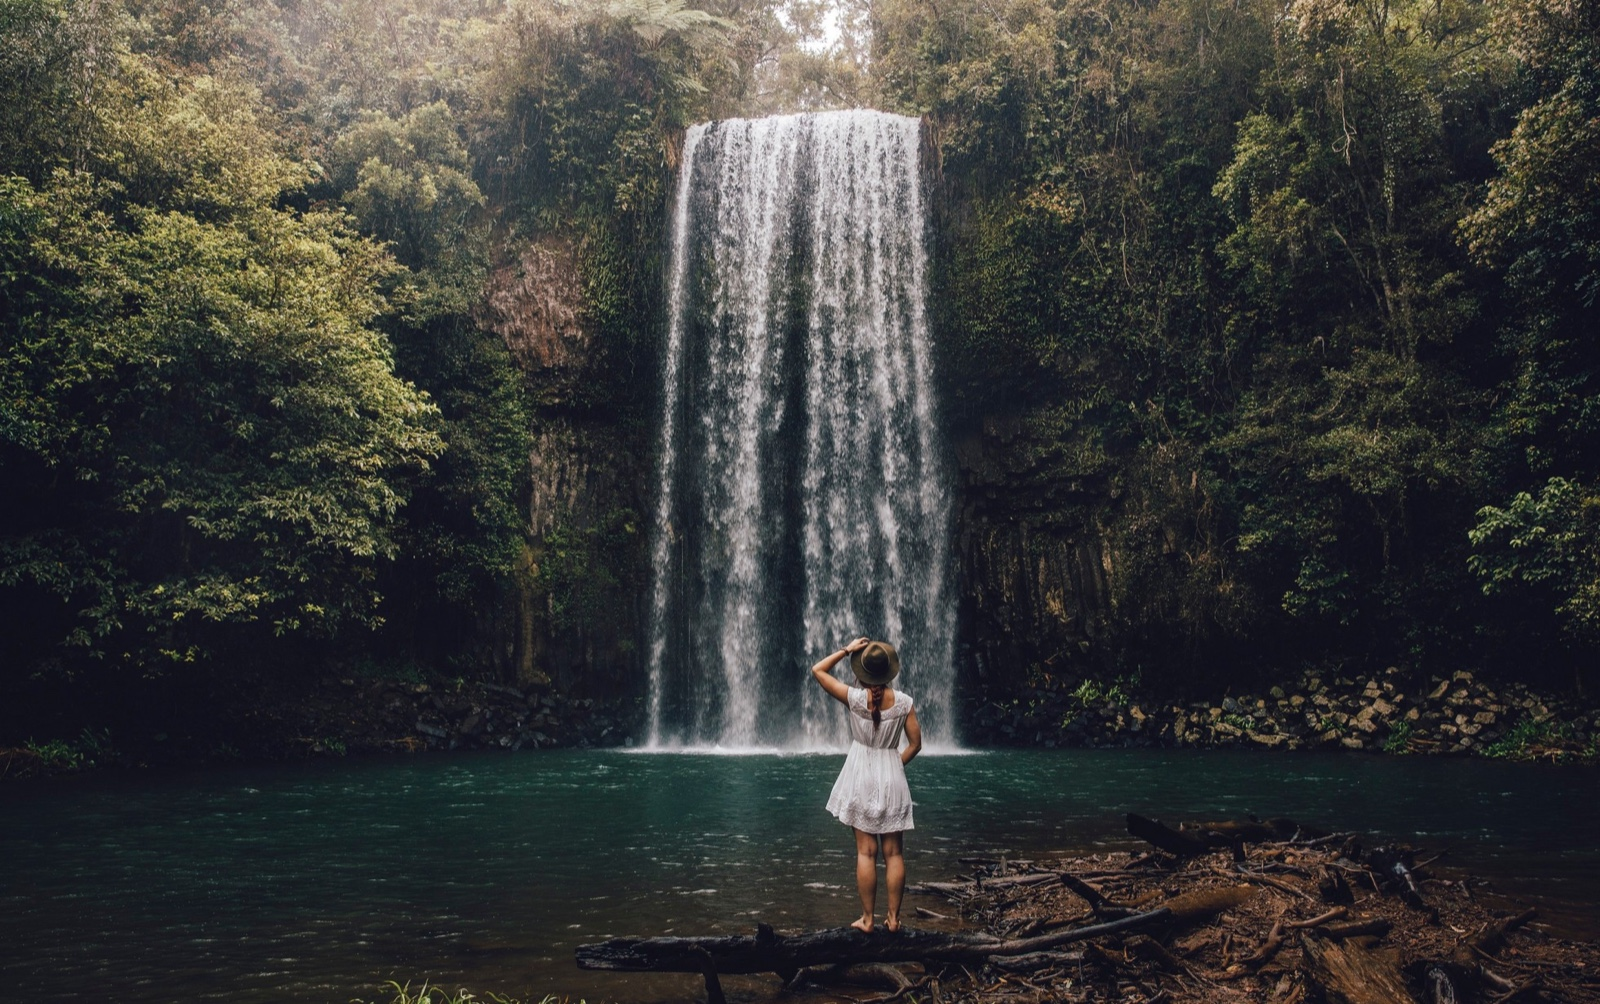 反季旅行 冬天去北昆士兰感受南半球的夏日清凉